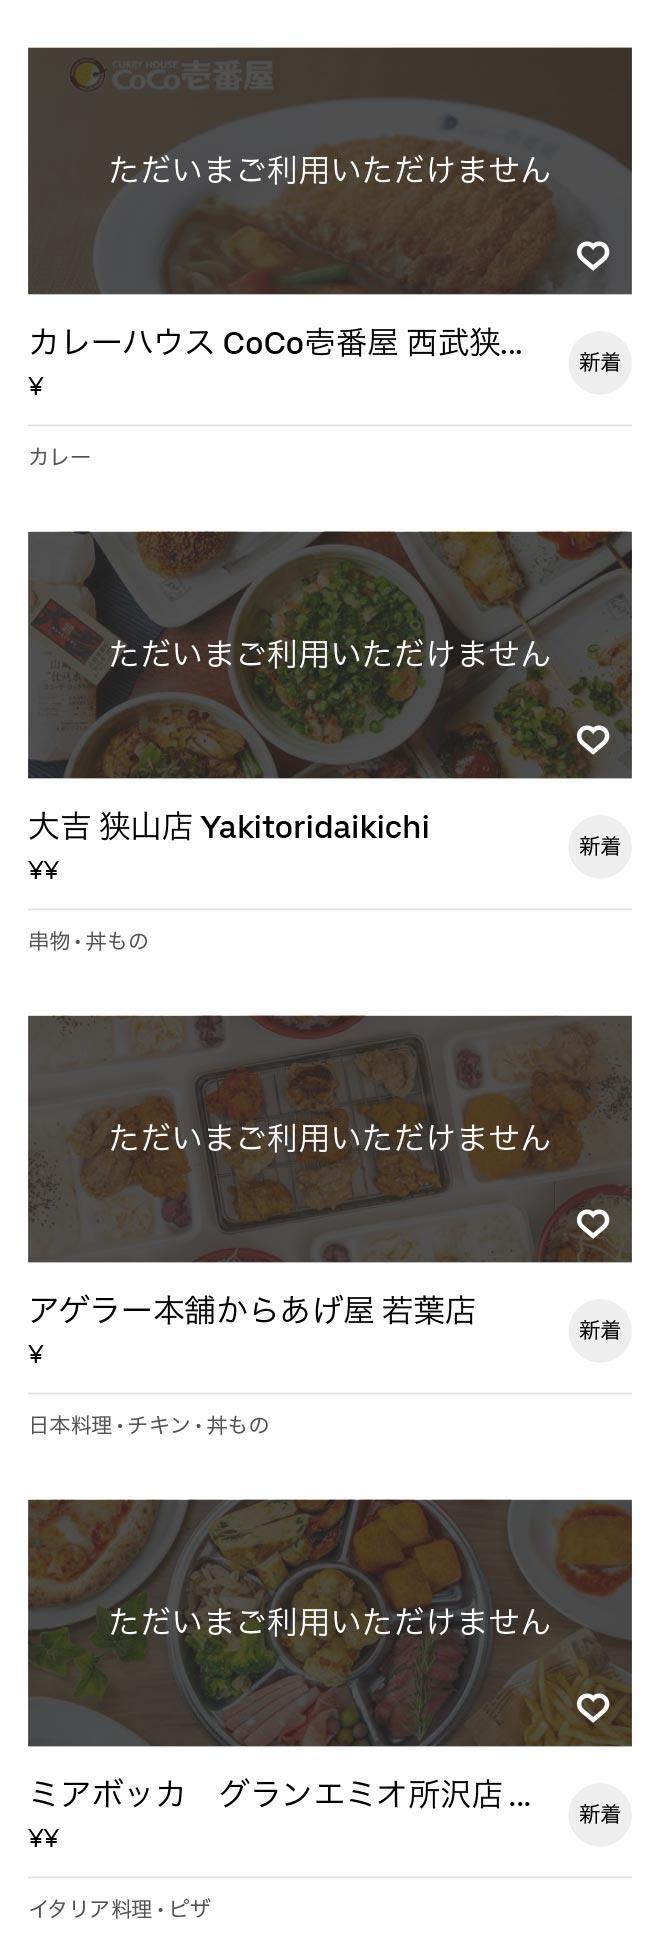 Tsurugashima menu 2010 07